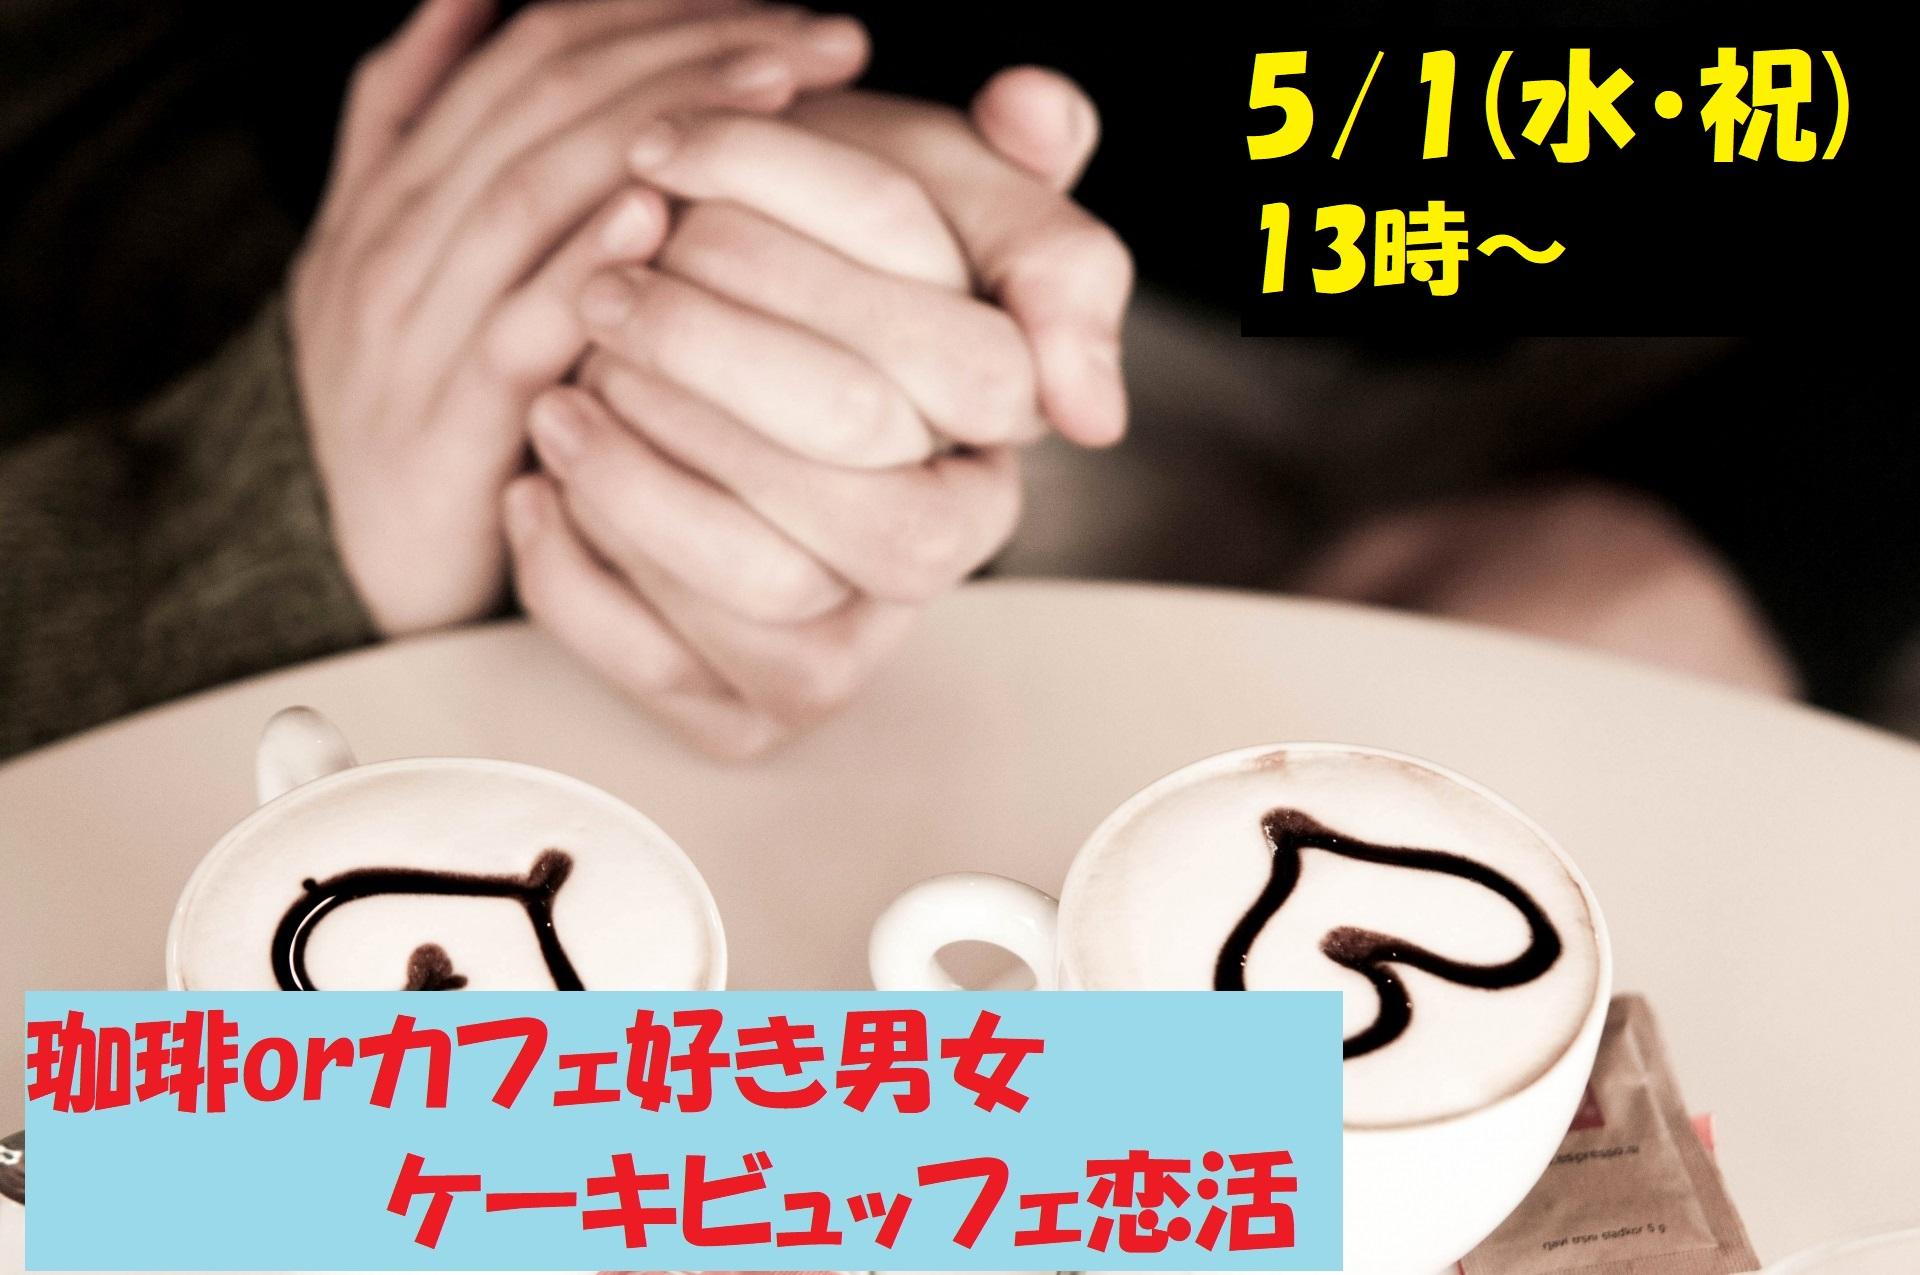 【終了】5月1日(水・祝)13時~G.W.特別企画【27~44歳】珈琲orカフェ好きが集まるケーキビュッフェ恋活!